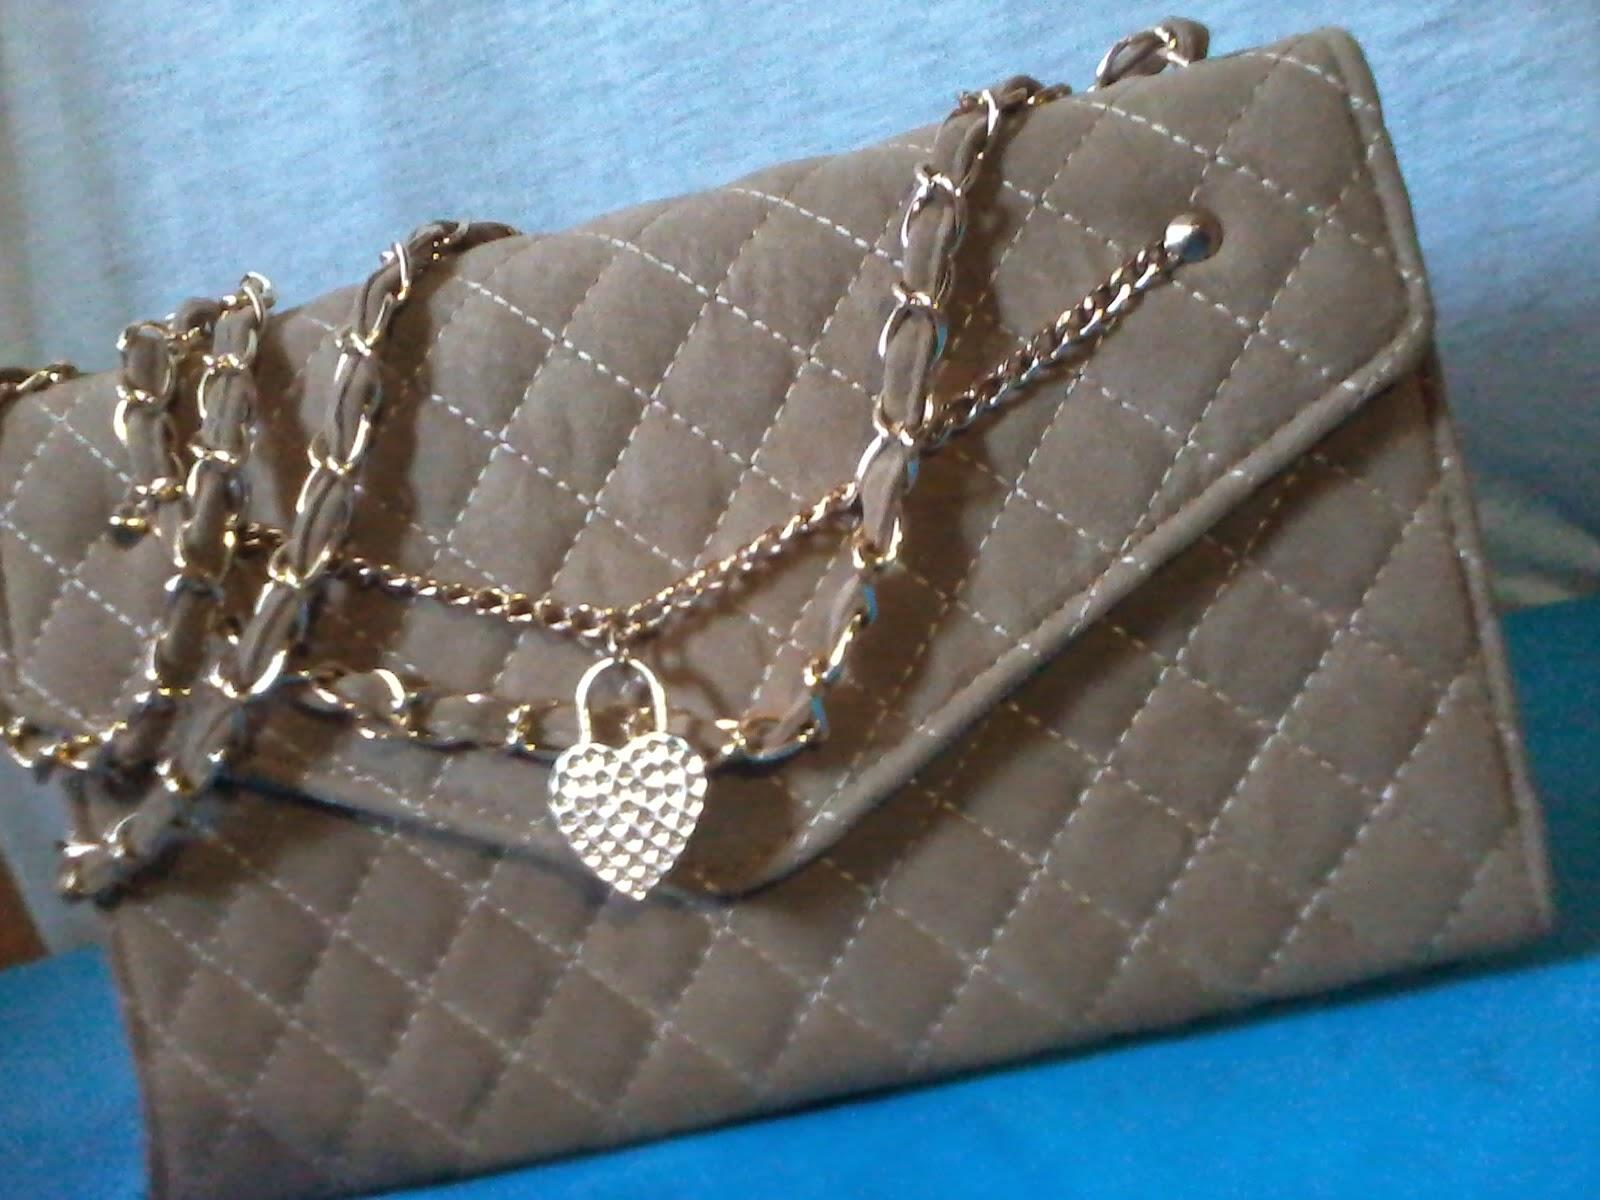 Korea Hand Bag, Appricot handbag, Beg Korea, Beg Comel, Beg Cantik